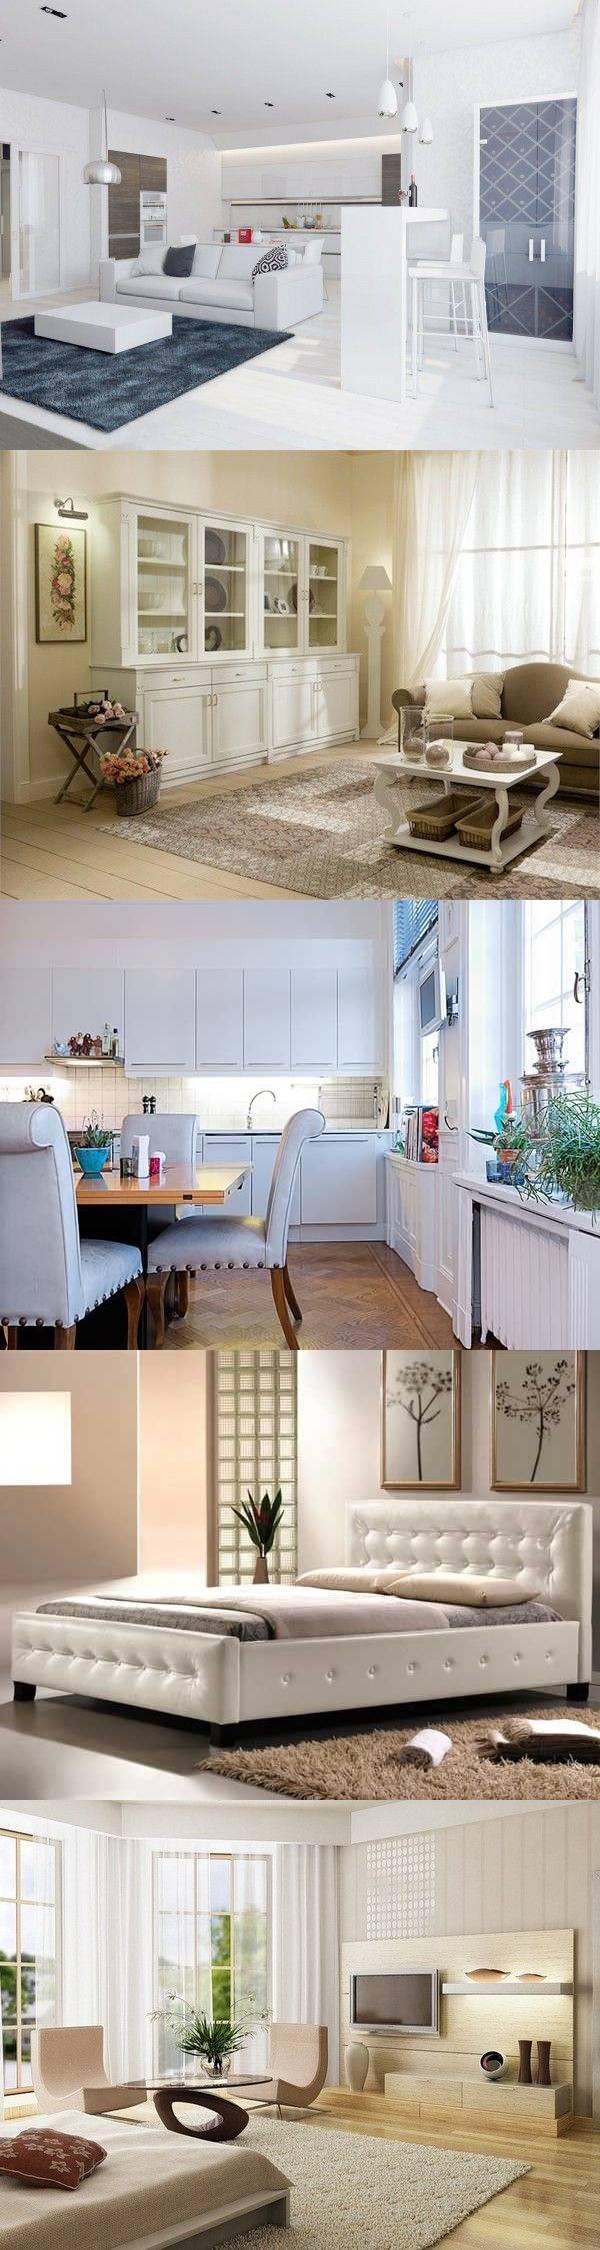 Светлая мебель в интерьере — 26 идей